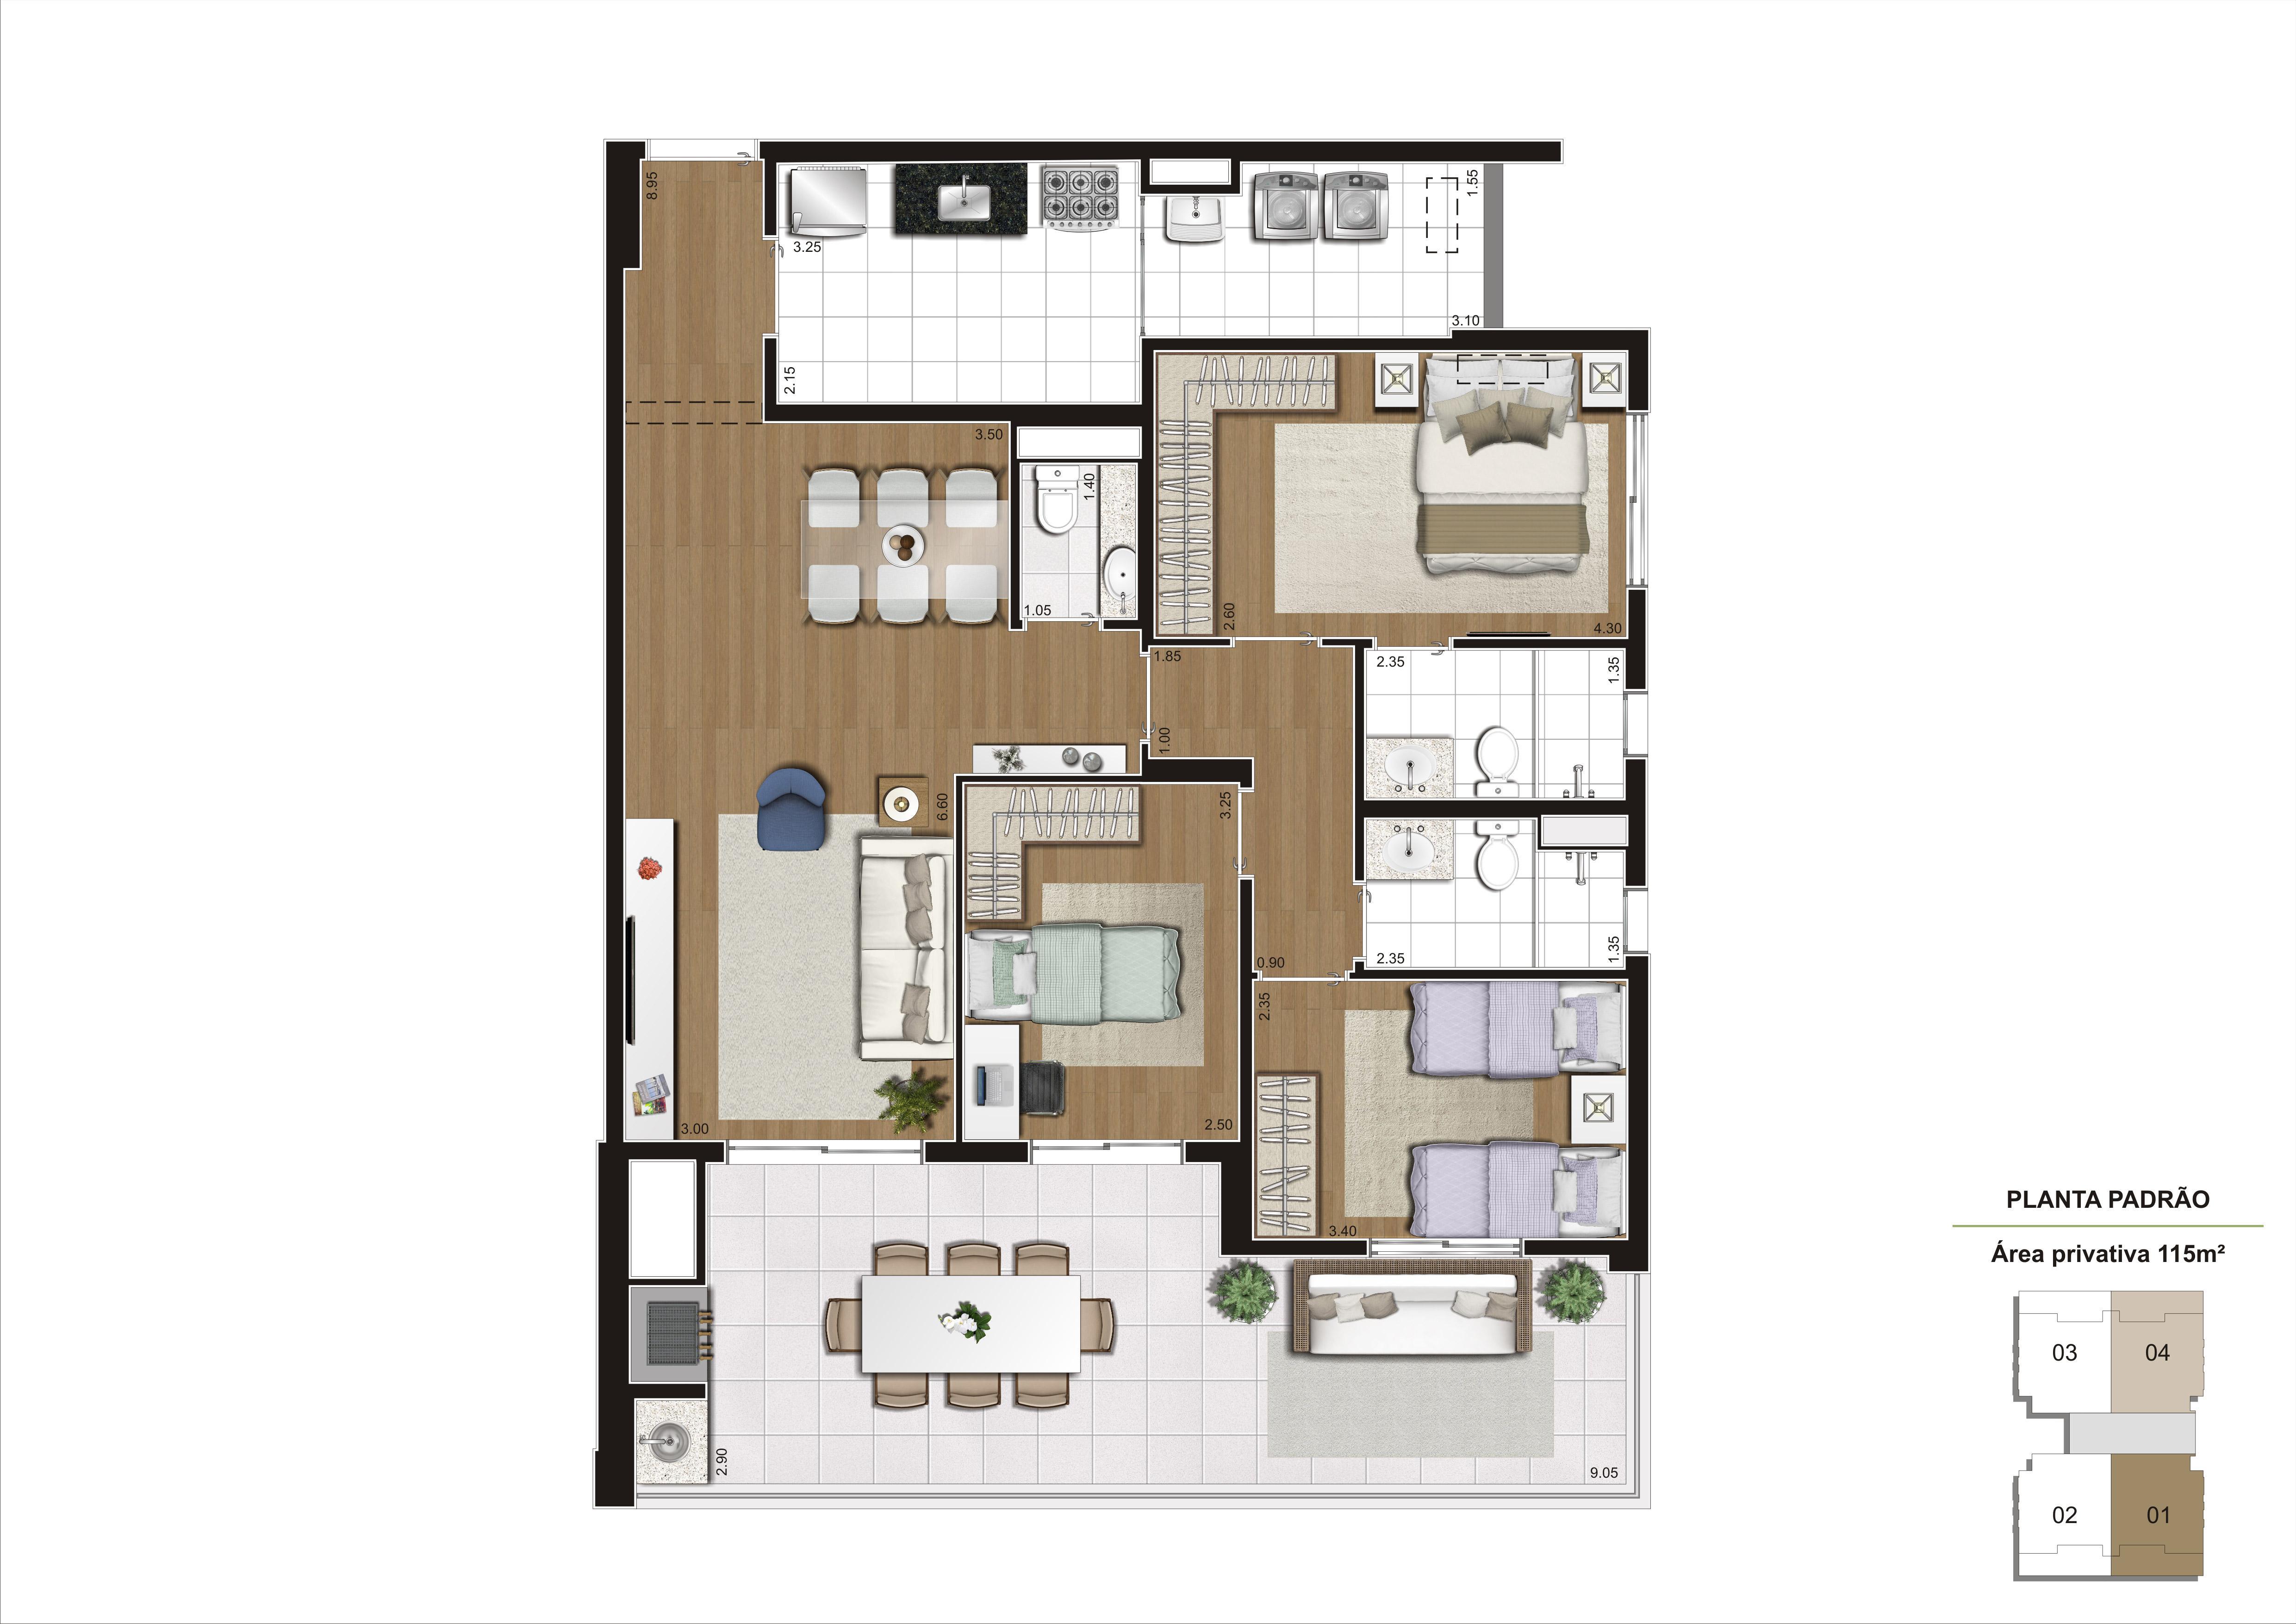 Planta padrão 115m² - 3 dormitórios (1 suíte) e 2 vagas demarcadas, para que você viva o melhor de um Cyrela no Ipiranga | Cyrela Gran Cypriani – Apartamento no  Ipiranga - São Paulo - São Paulo